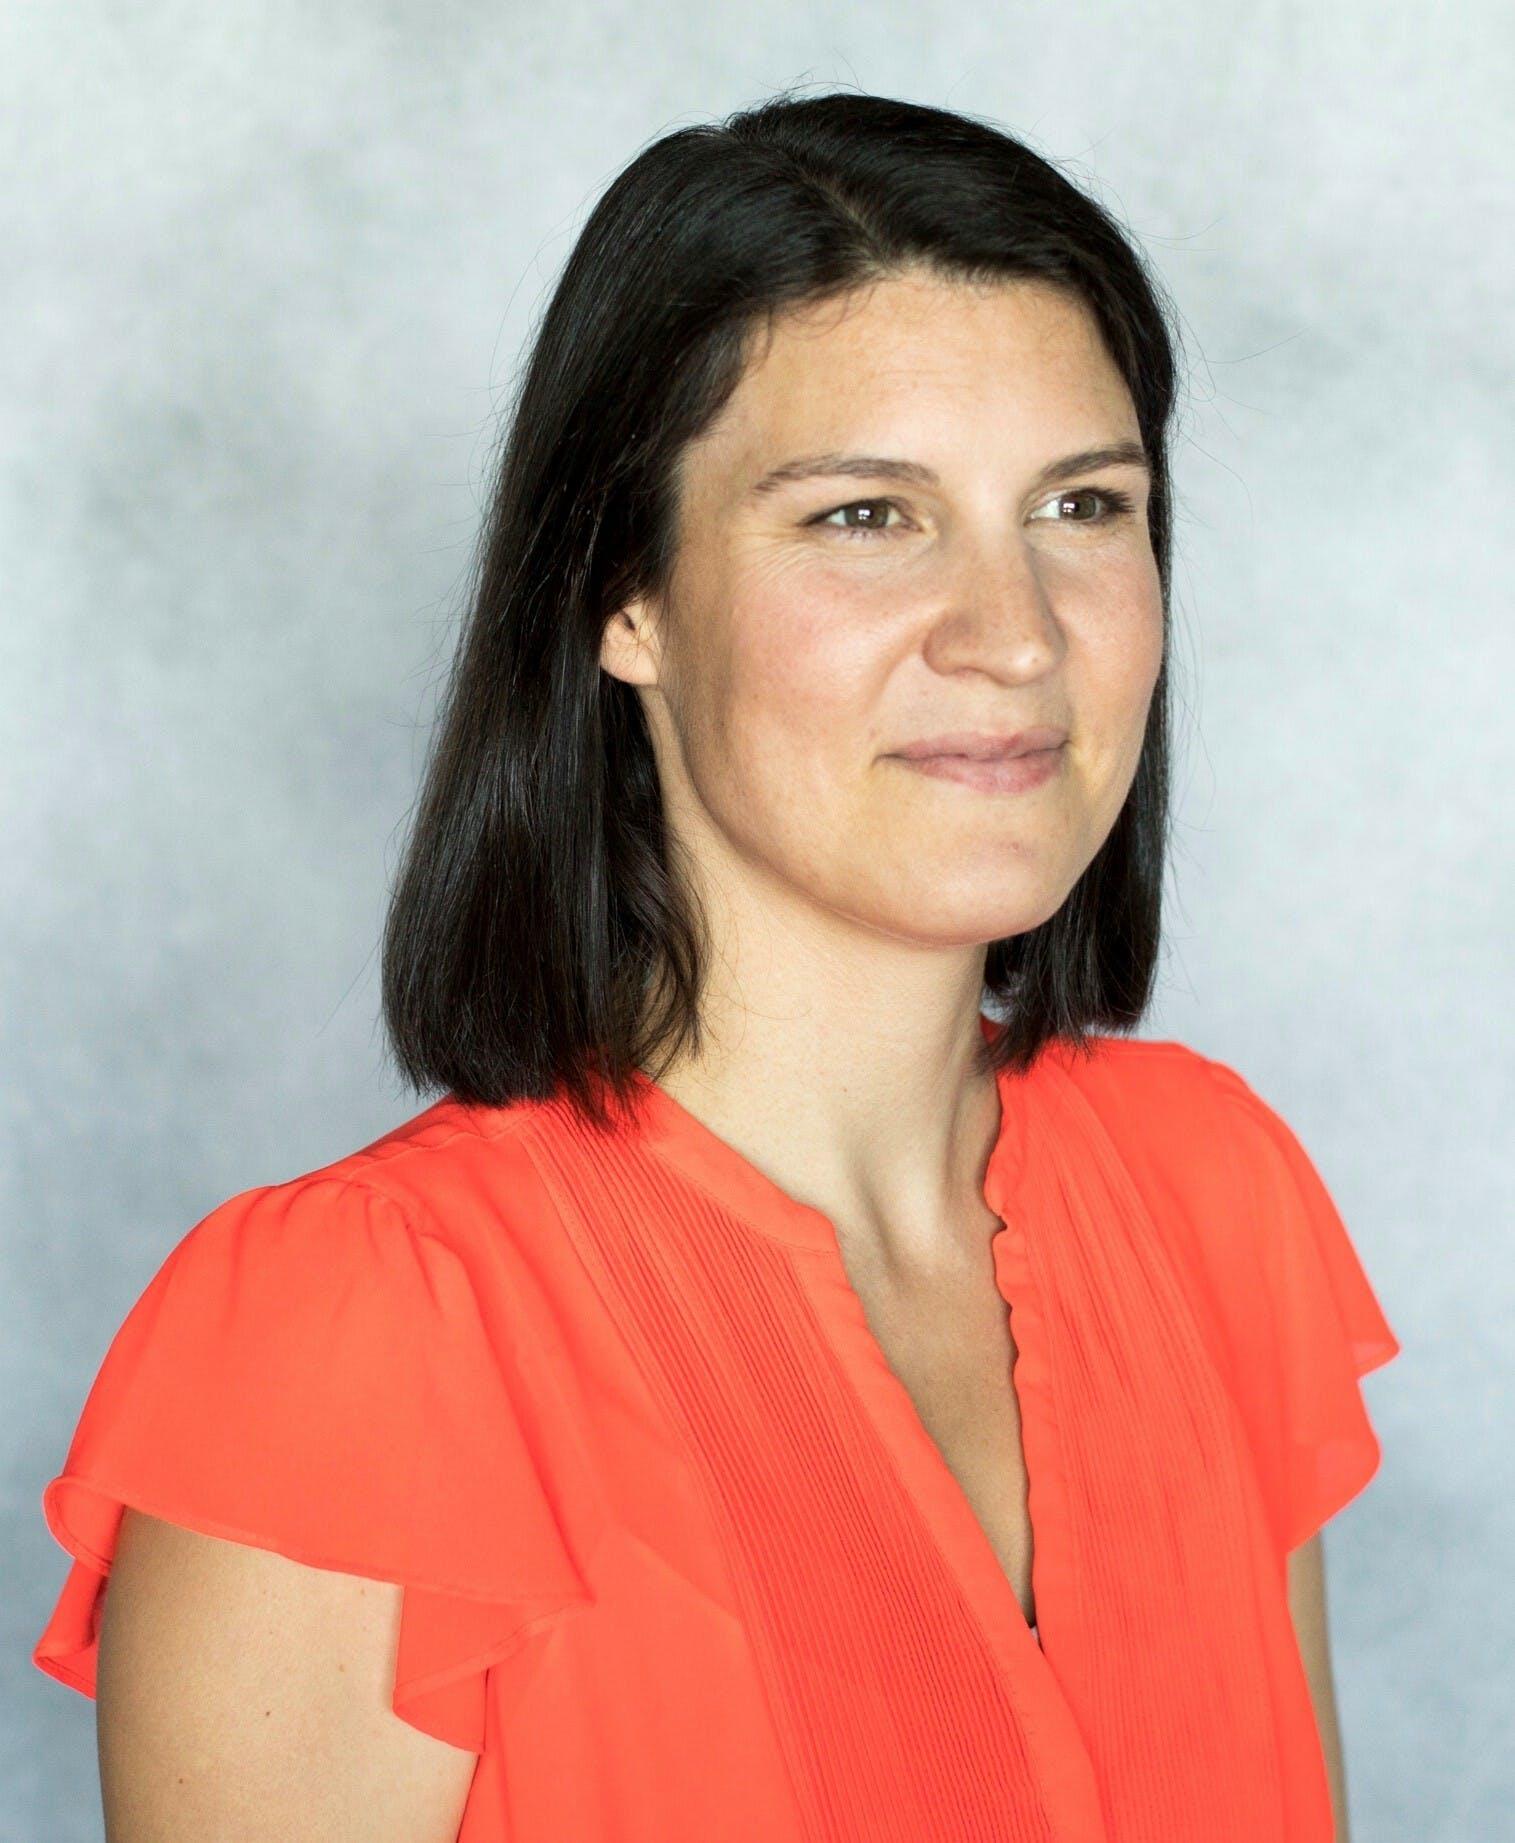 Portrait of Public Ethics Commissioner, Nayeli Maxson